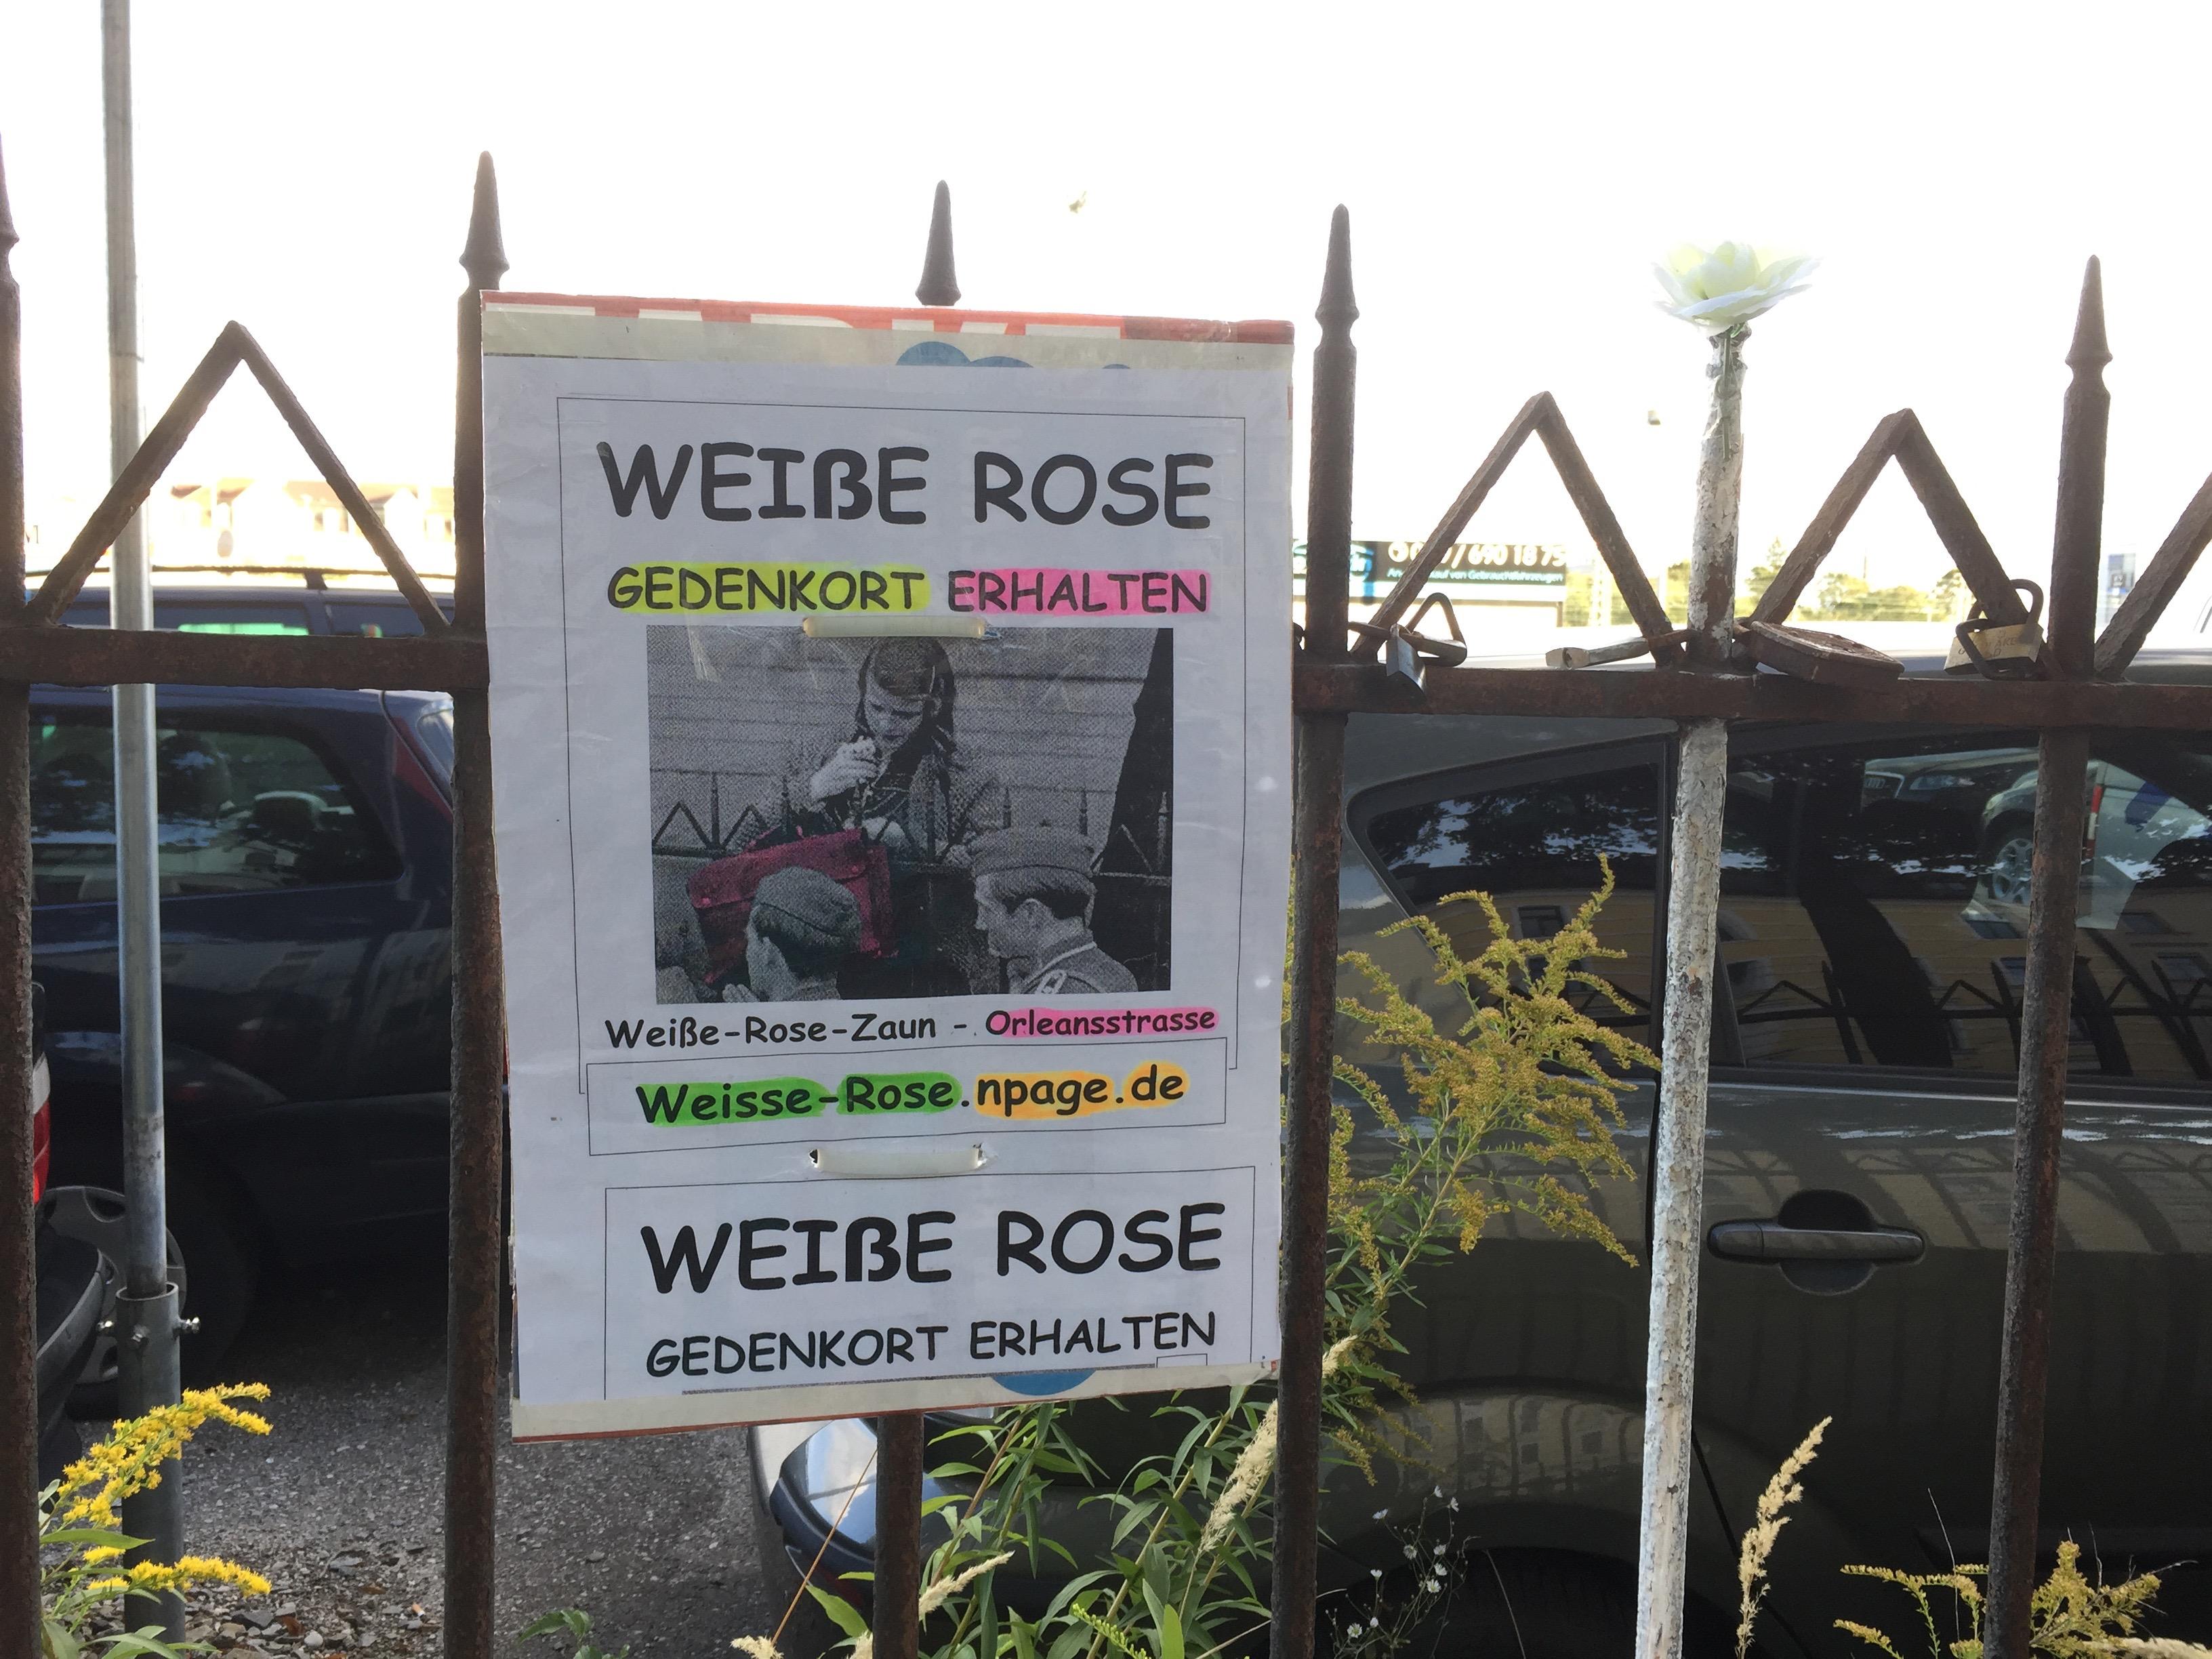 File:Zaun vom berühmten Sophie-Scholl-Foto.jpg - Wikimedia Commons